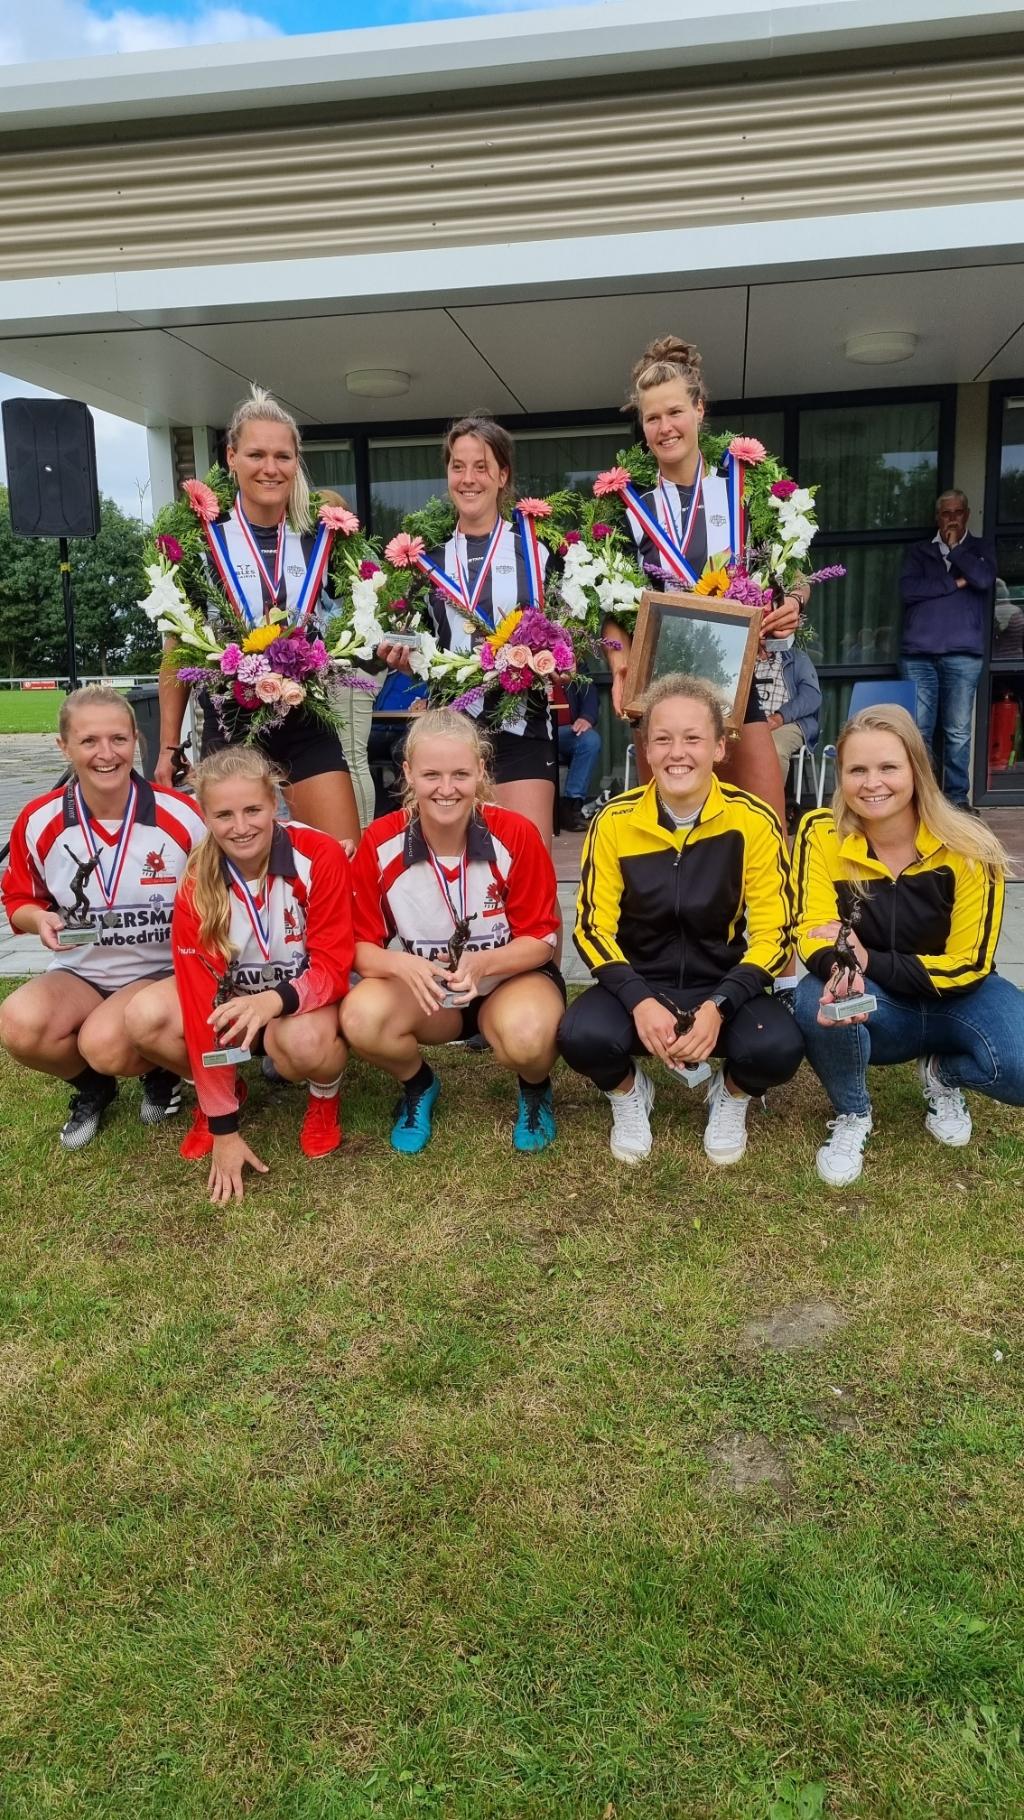 Prijswinnaars NK Dames 2021 Melanie van der Mossel © bildt.nu